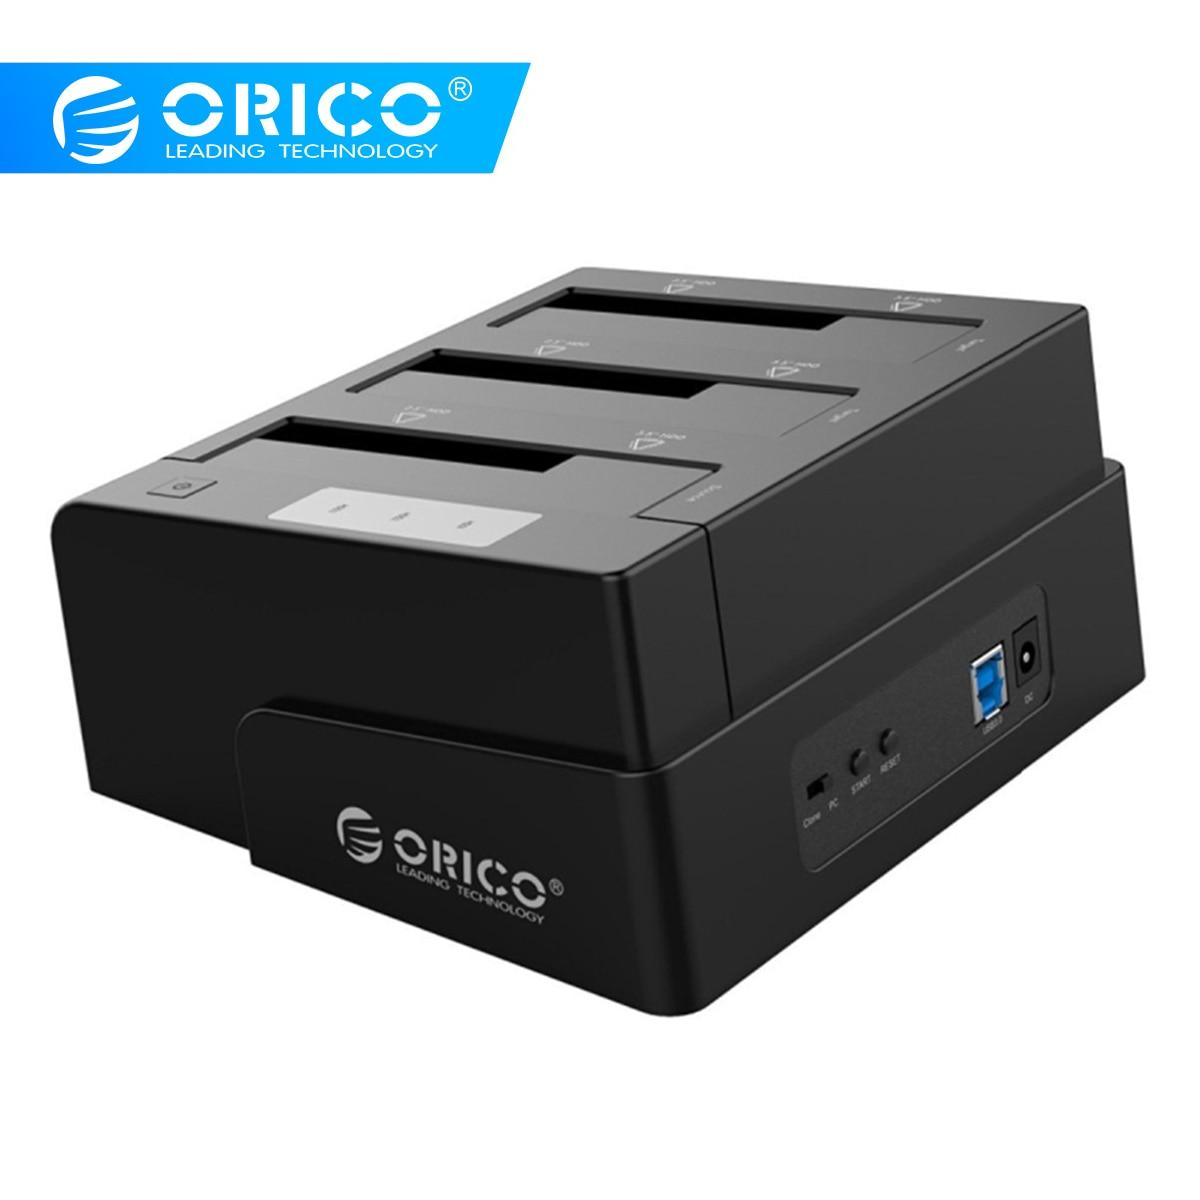 ORICO 3-Bay USB 3.0 dysk twardy stacja dokująca dla 2.5 3.5 cal dysk twardy SATA HDD wsparcie klon z 12V5A moc wspornik adaptera 18 TB